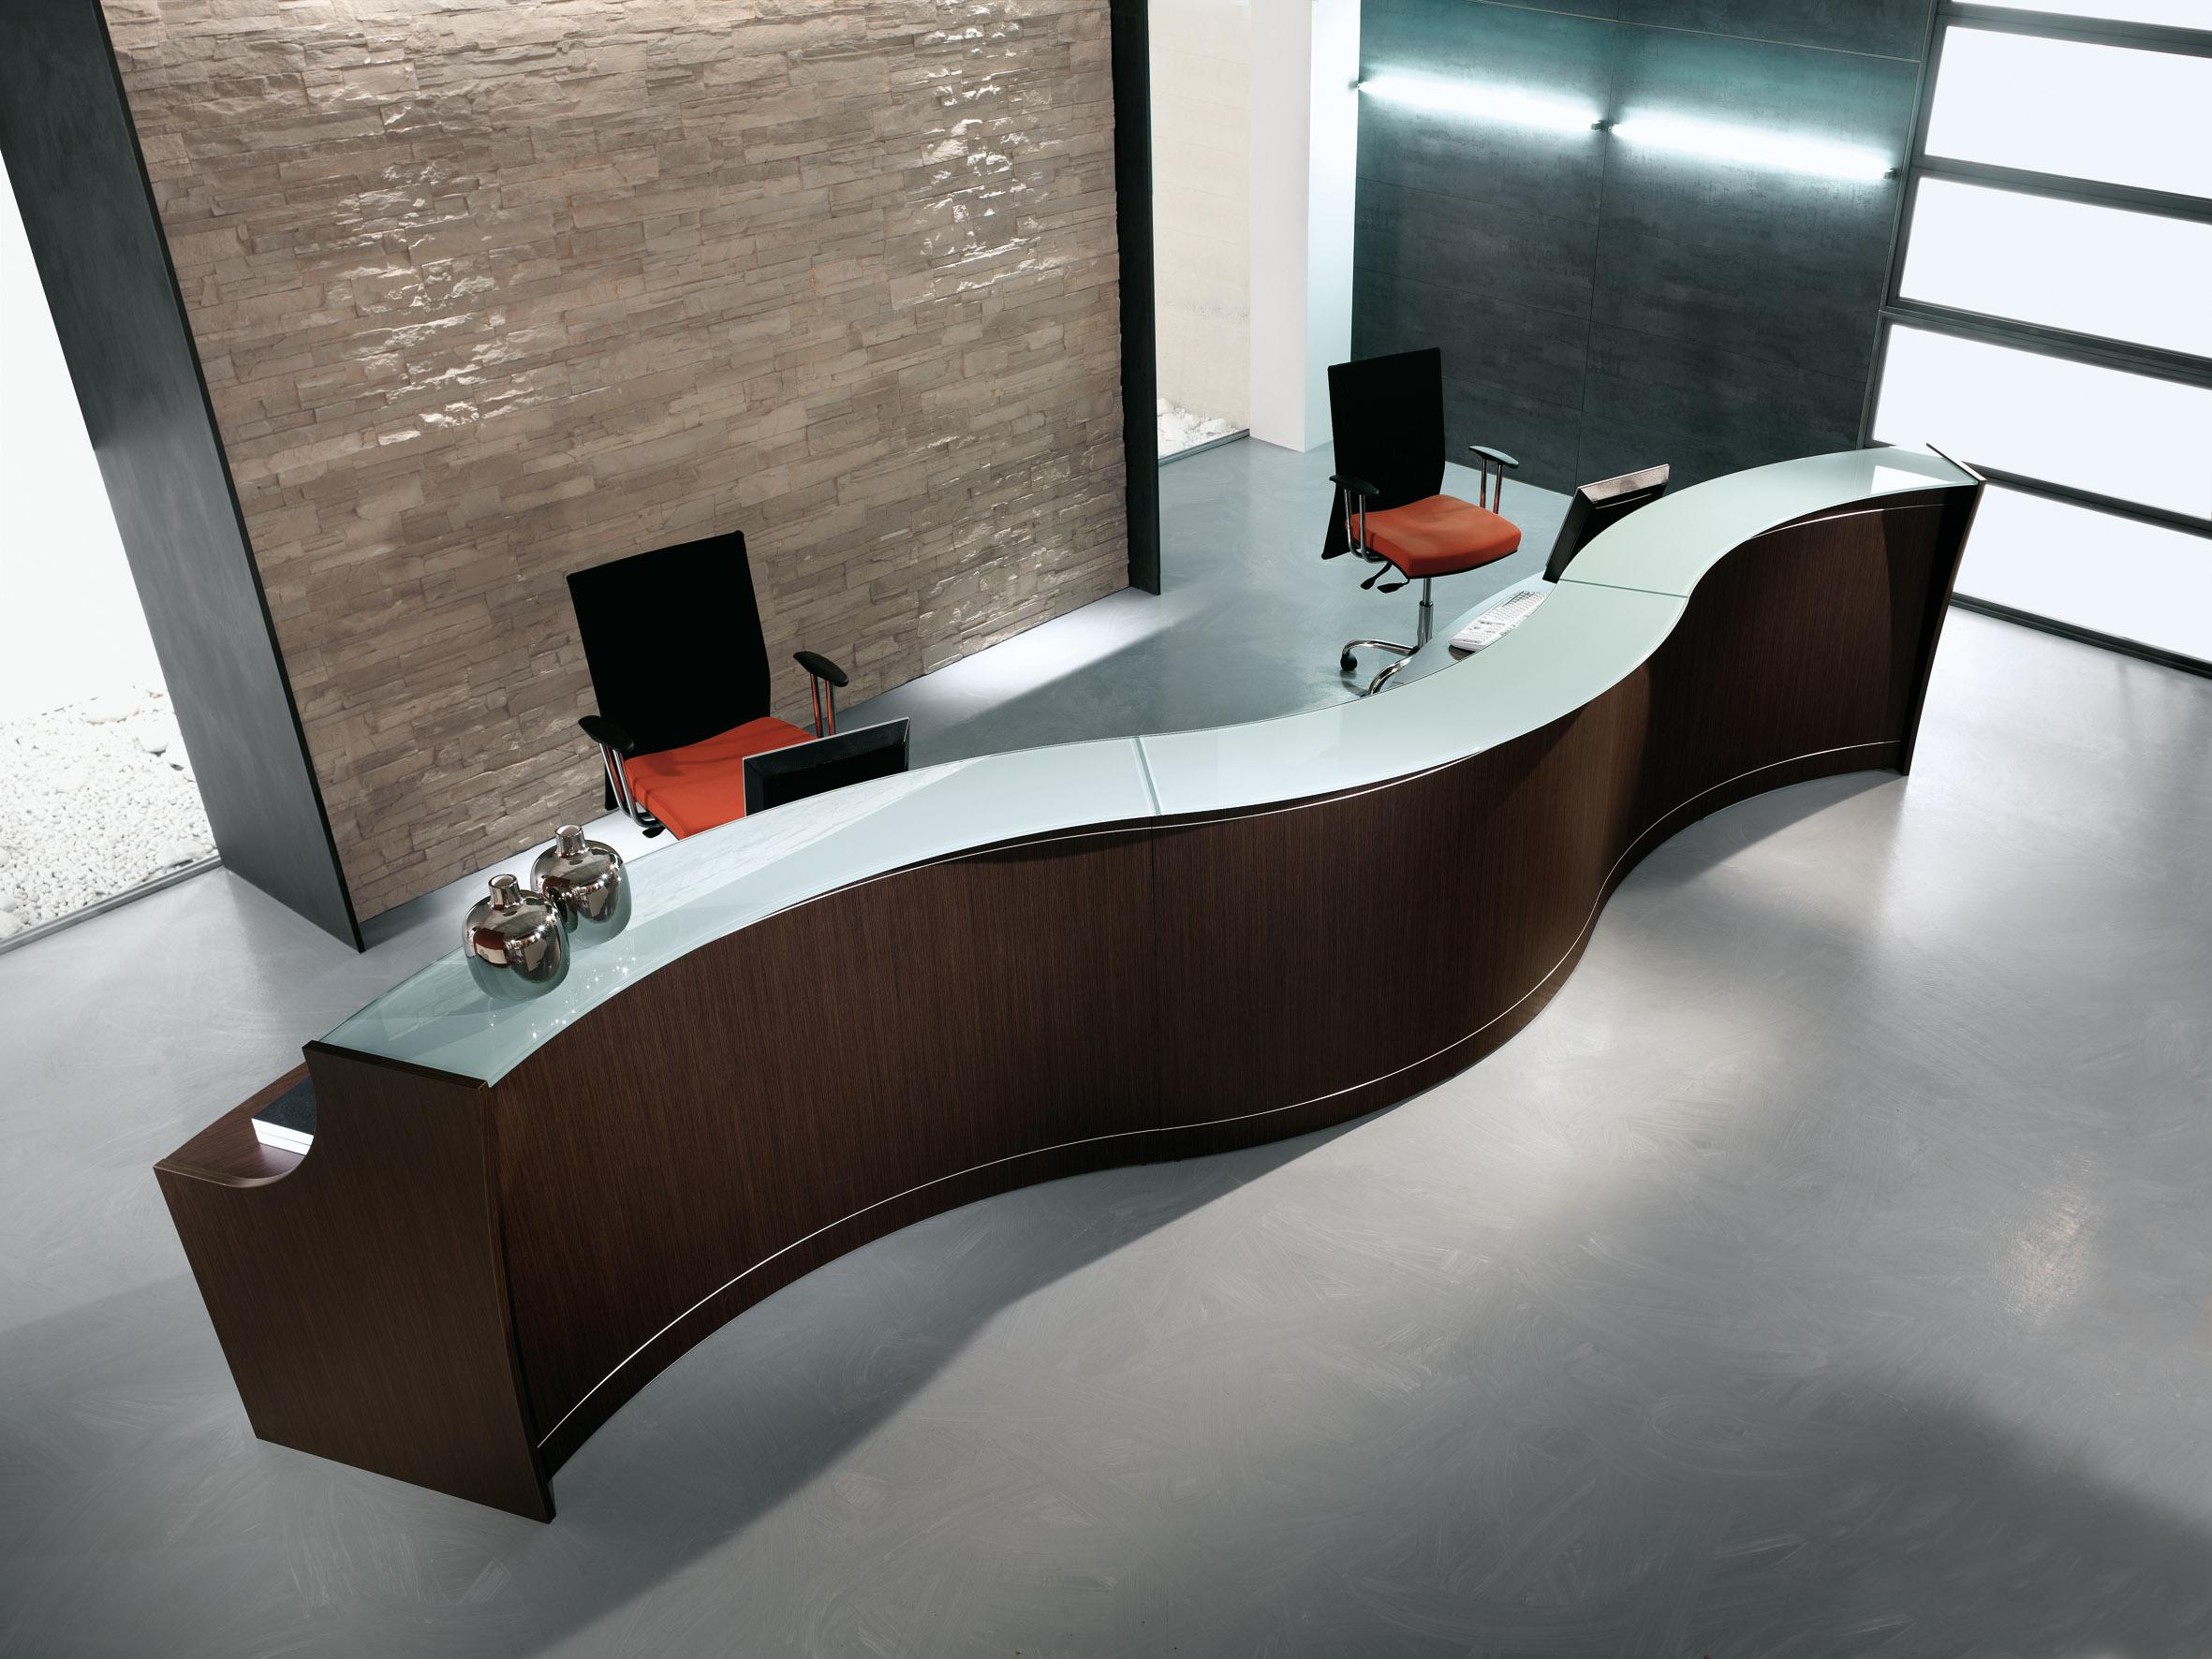 Reception ufficio ad onda dimensioni 5 metri for Reception ufficio